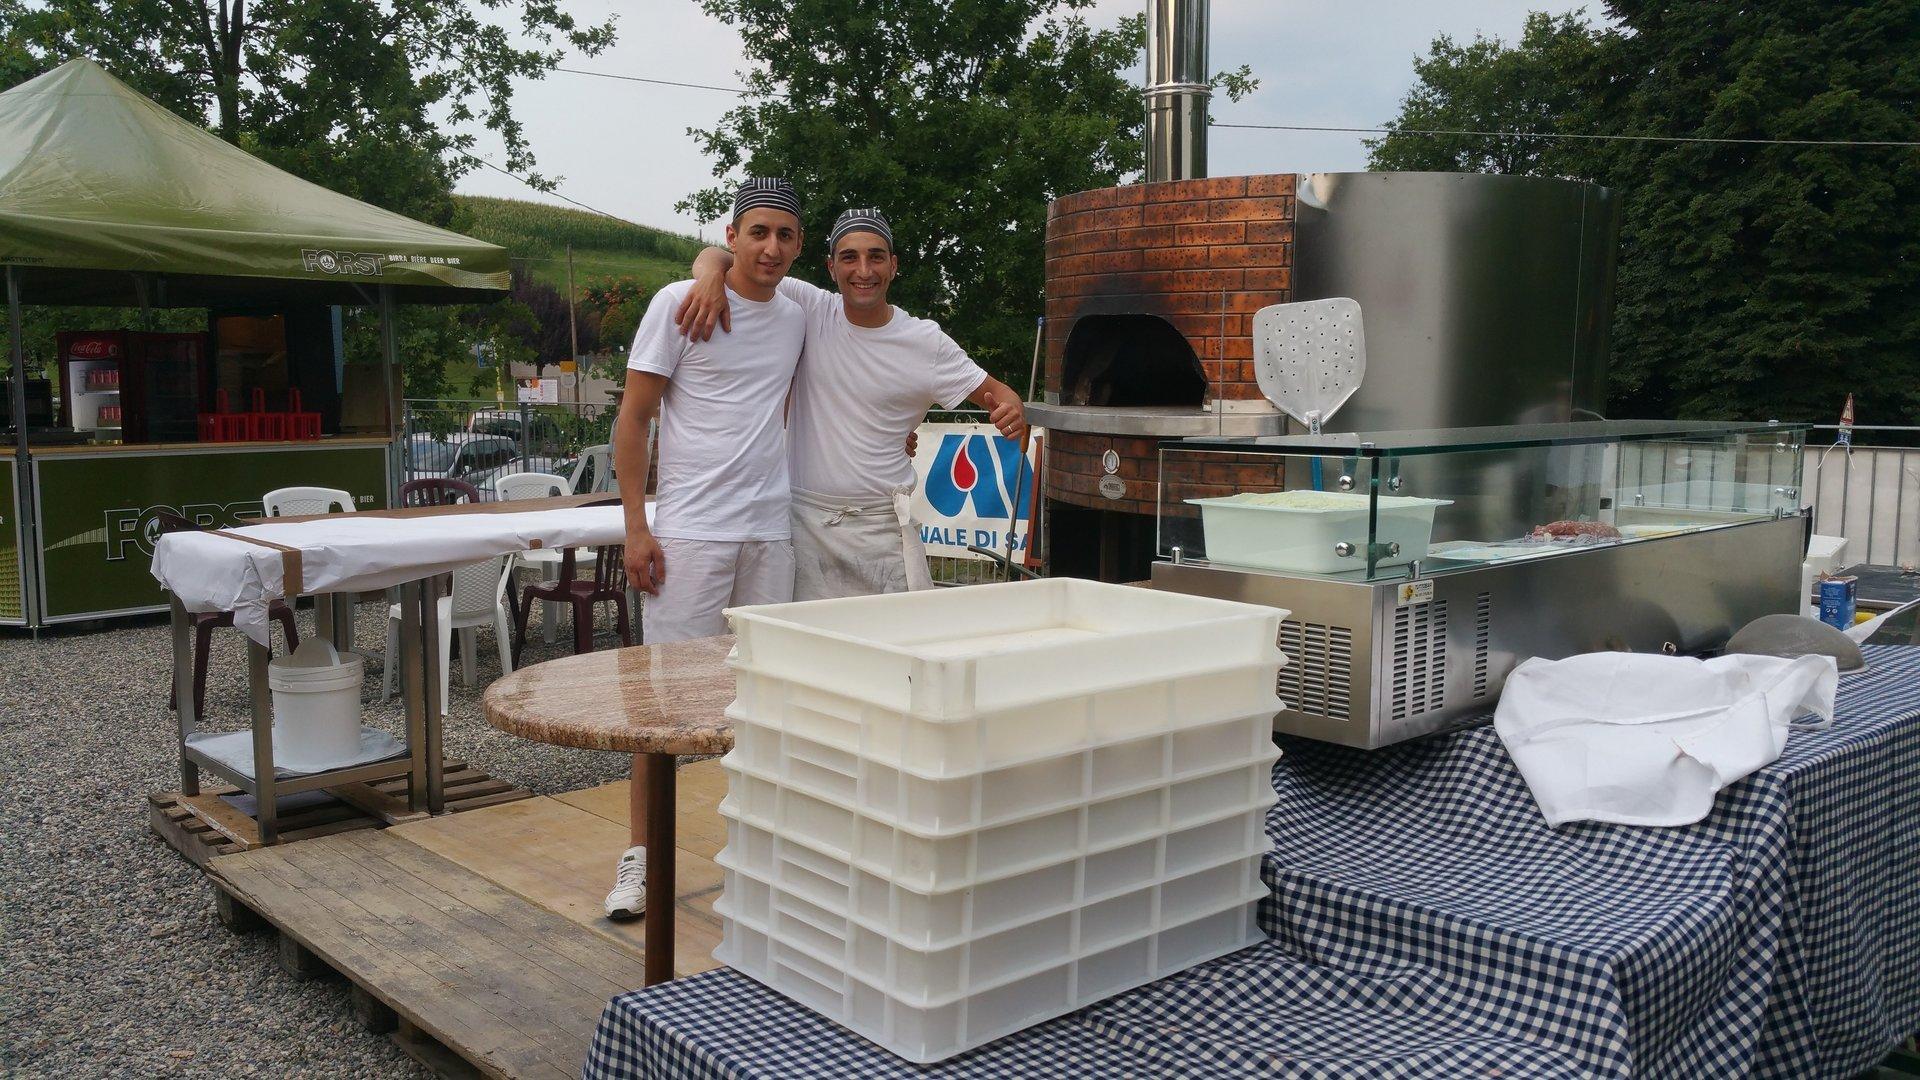 due pizzaioli abbracciati in posa per una foto all'esterno